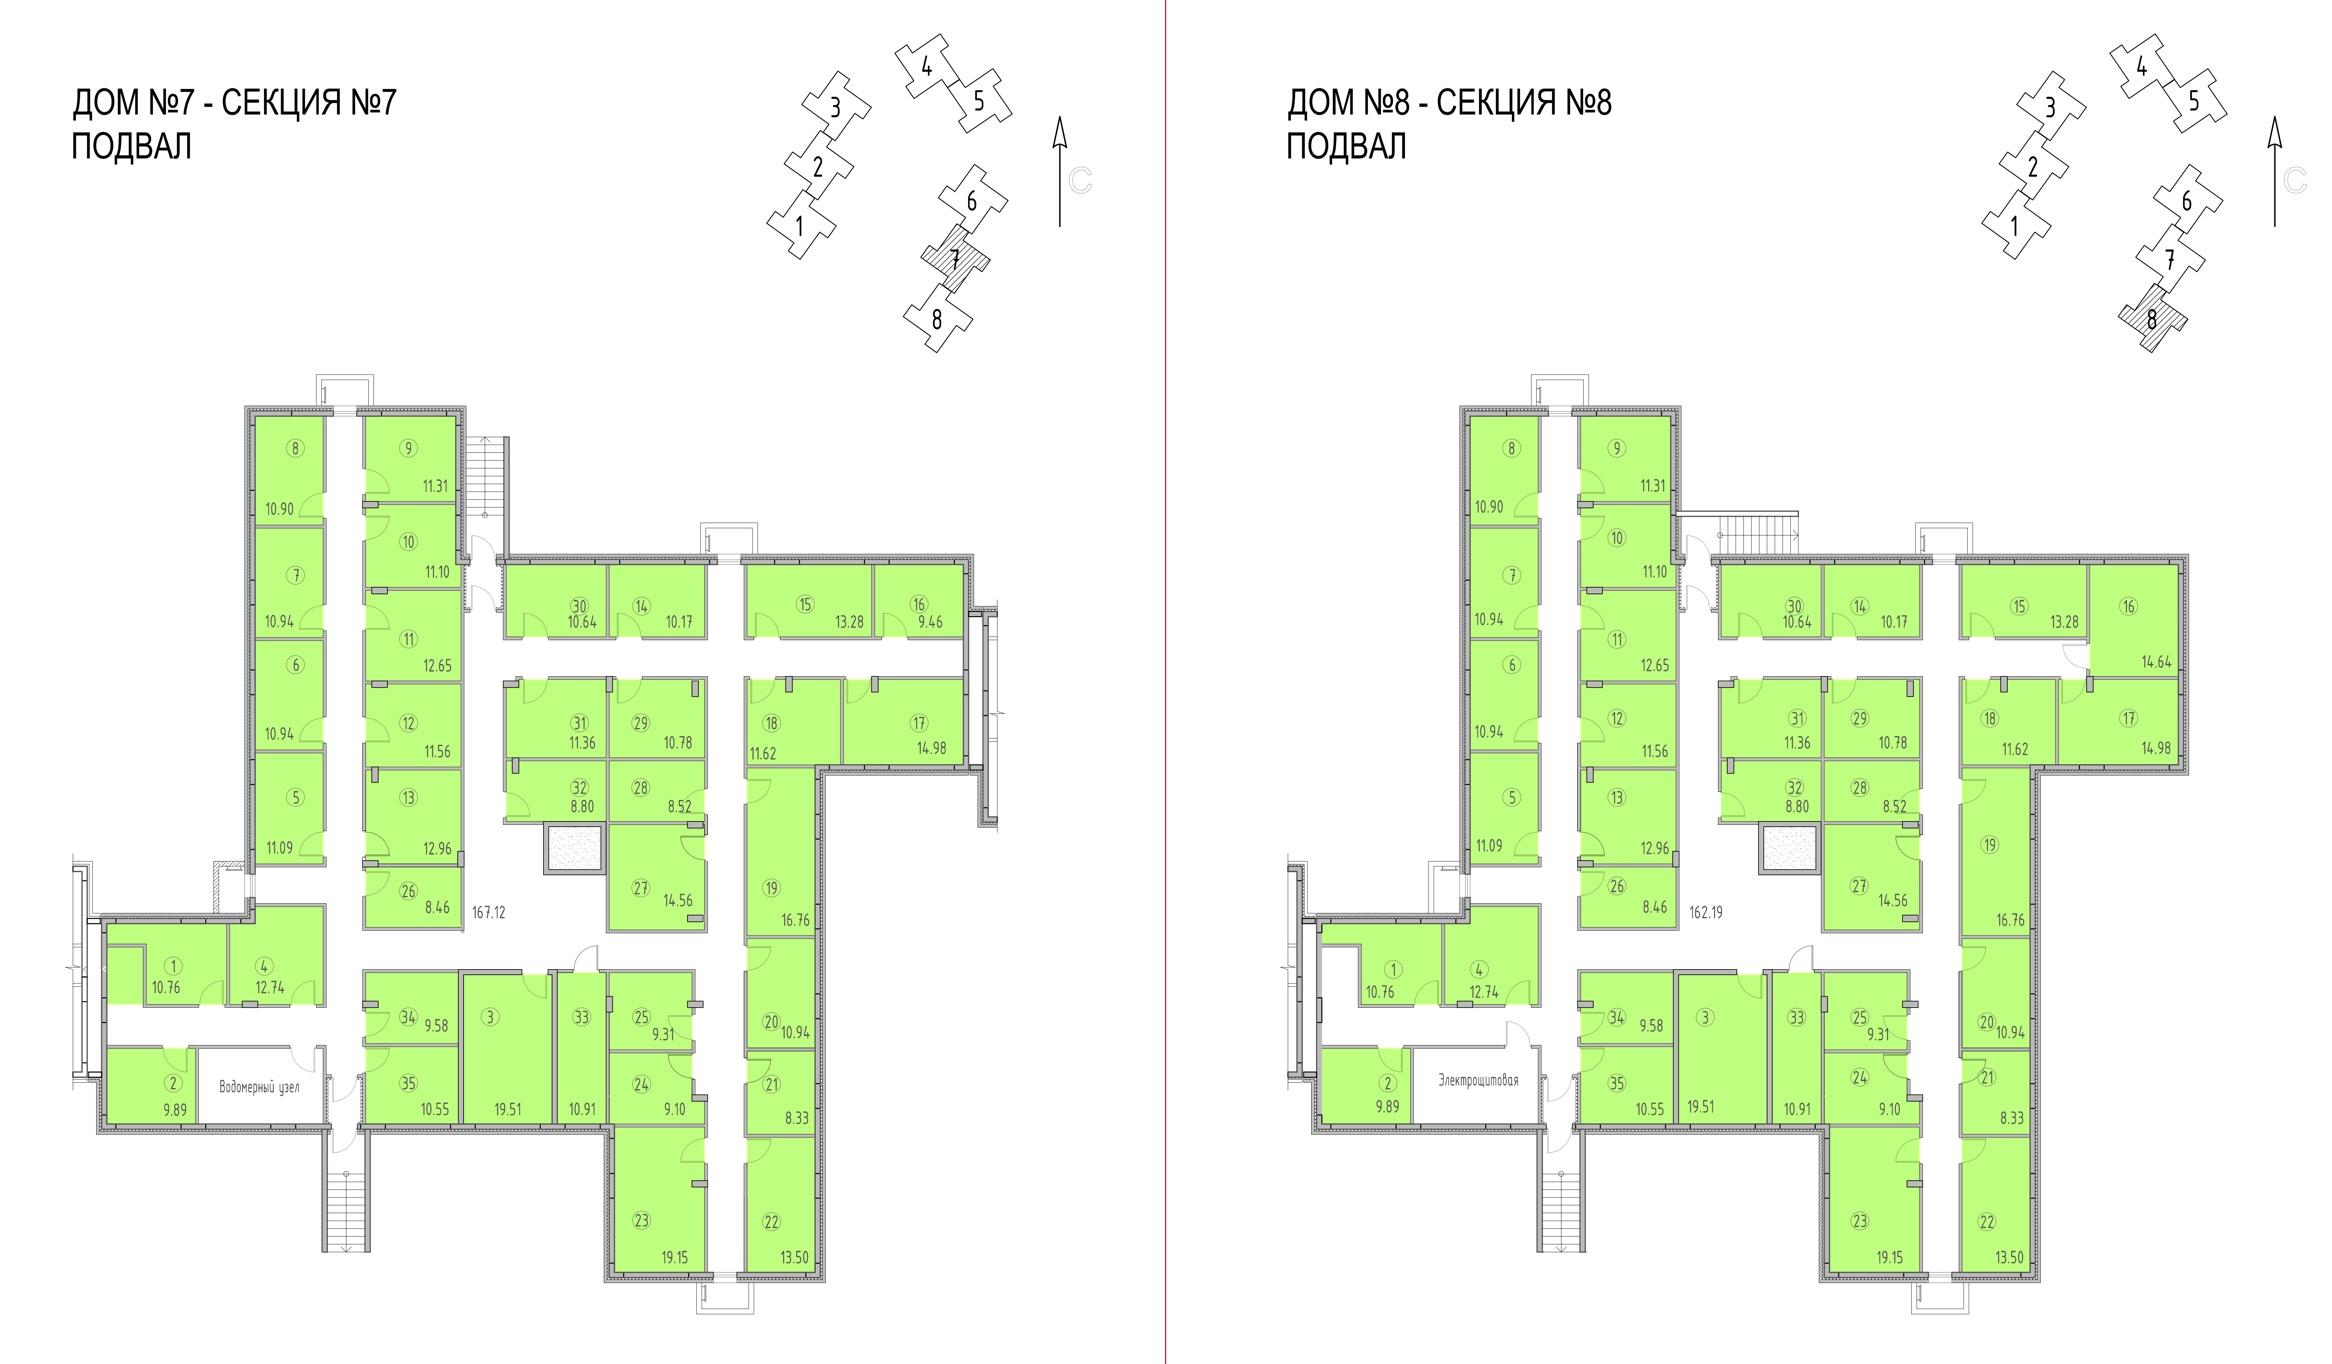 Кладовые домов 7 и 8